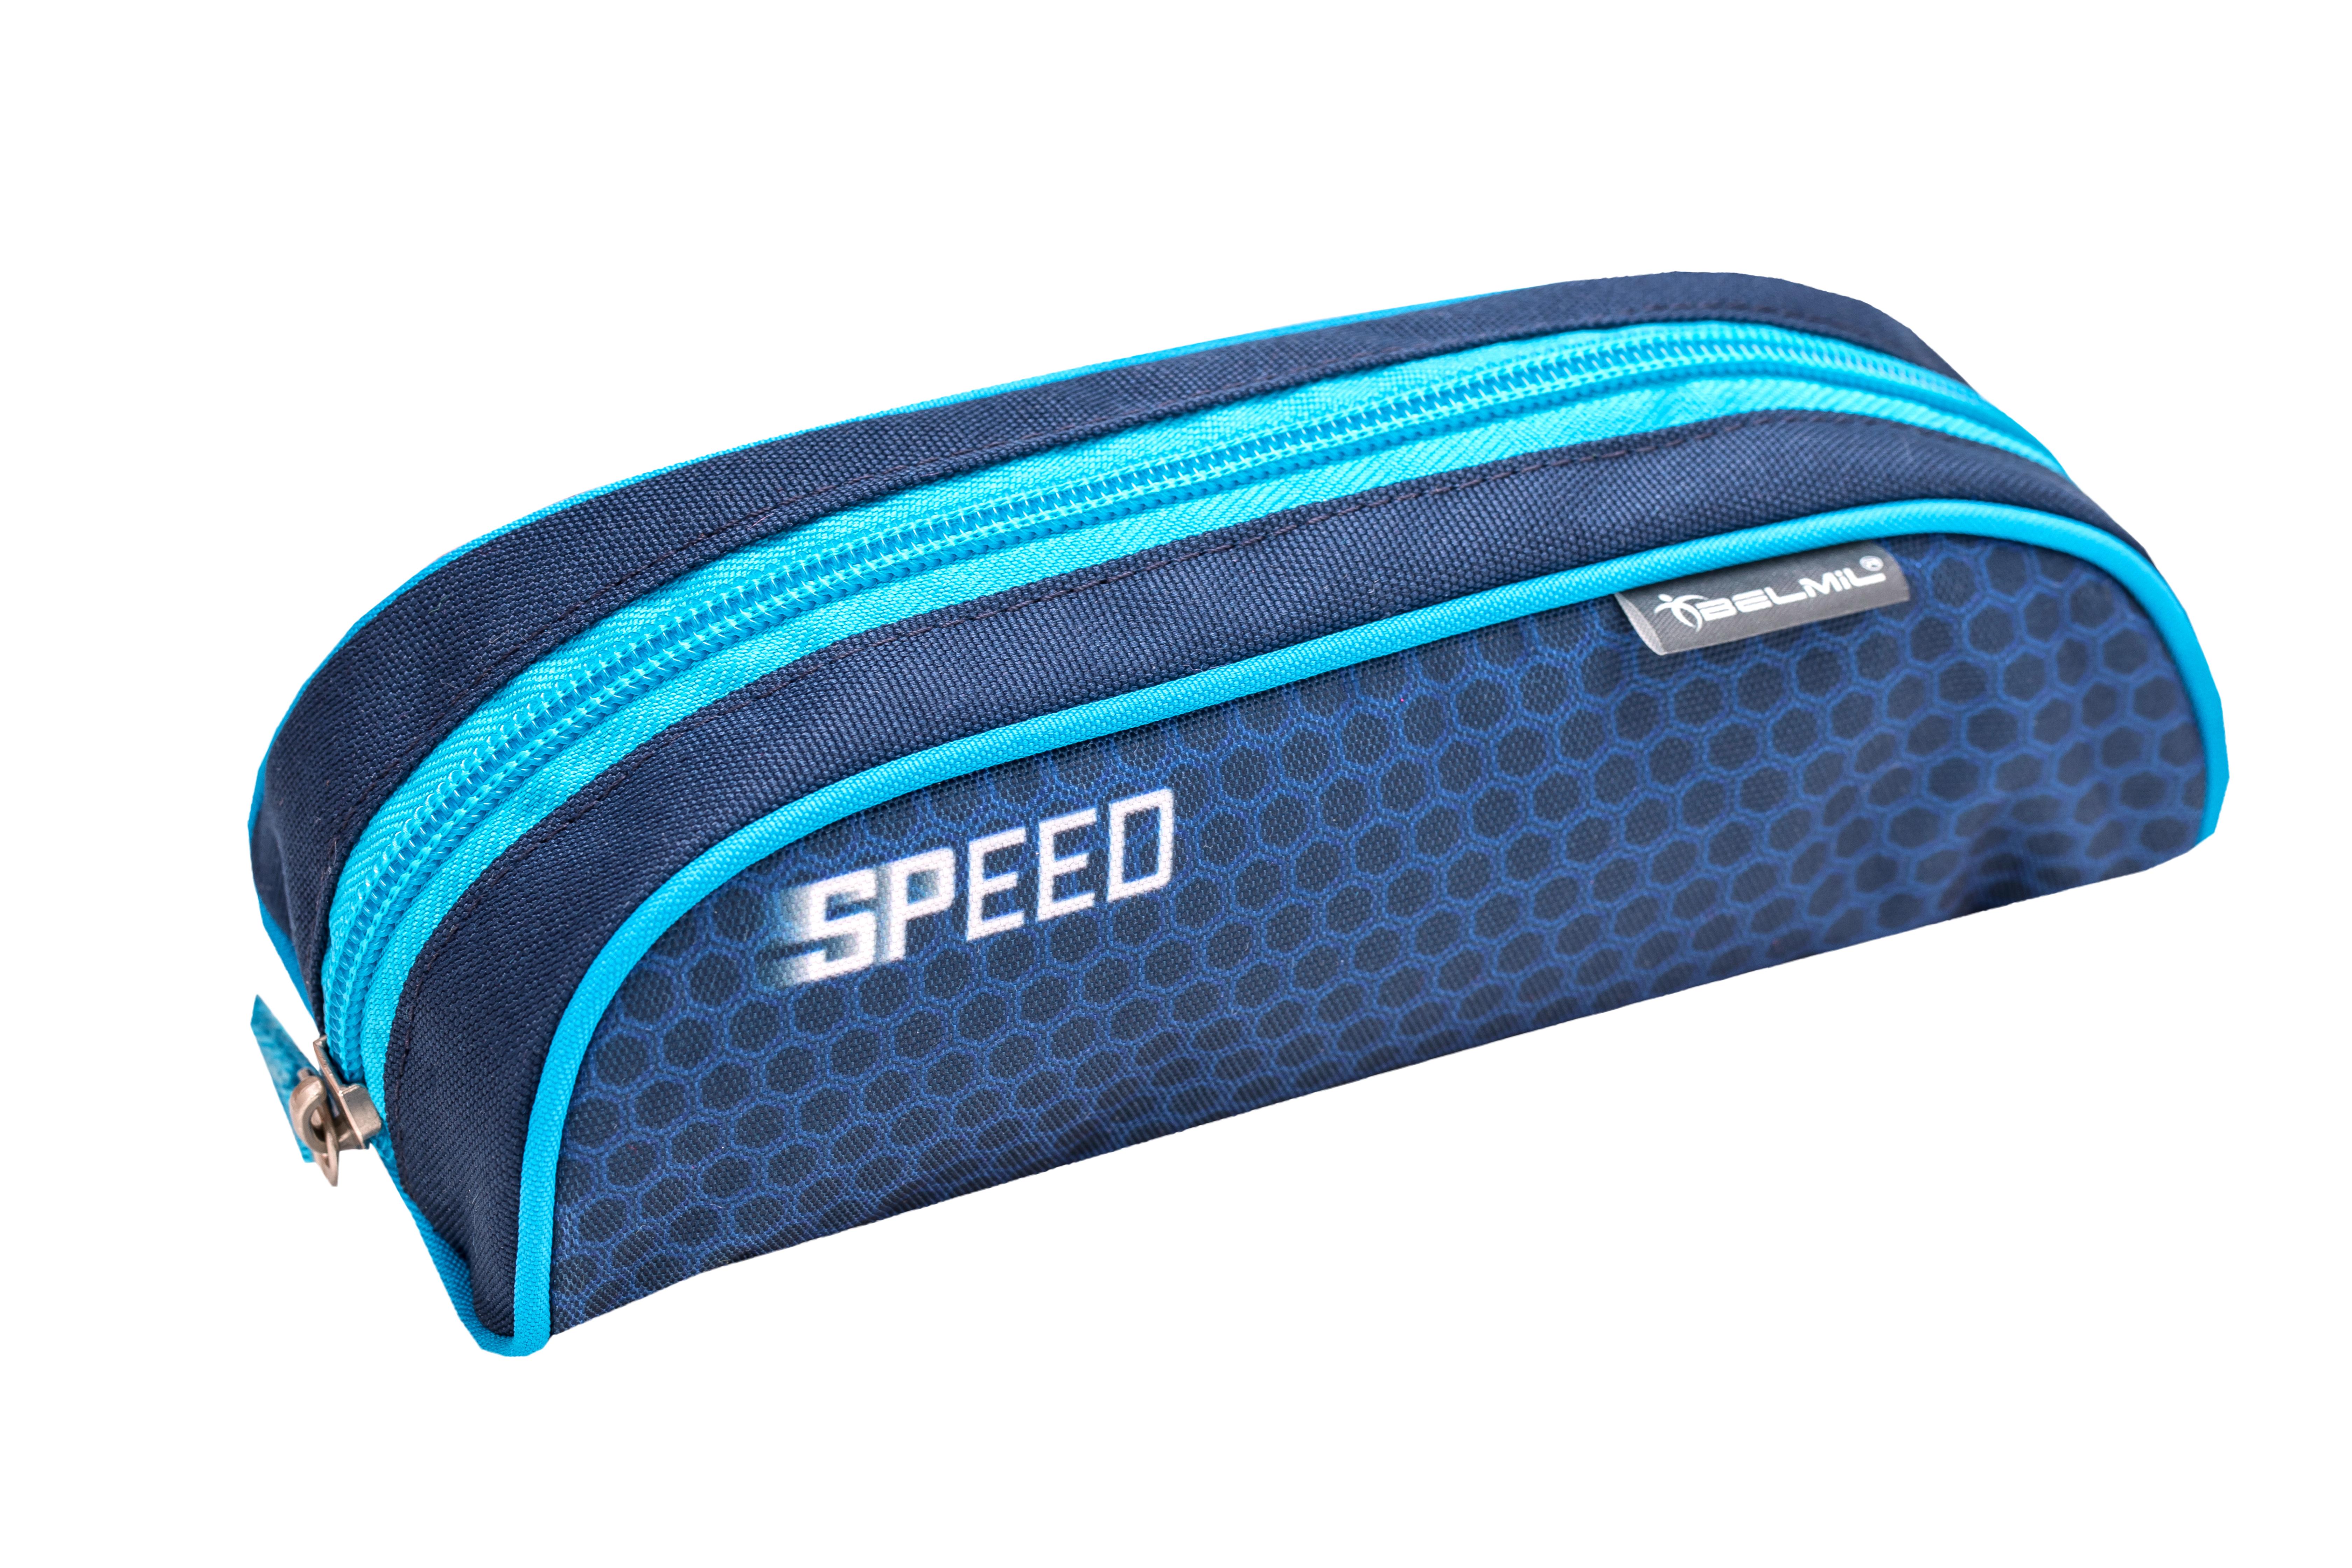 4-tlg. Schulranzenset Compact 19 Liter - Race Blue